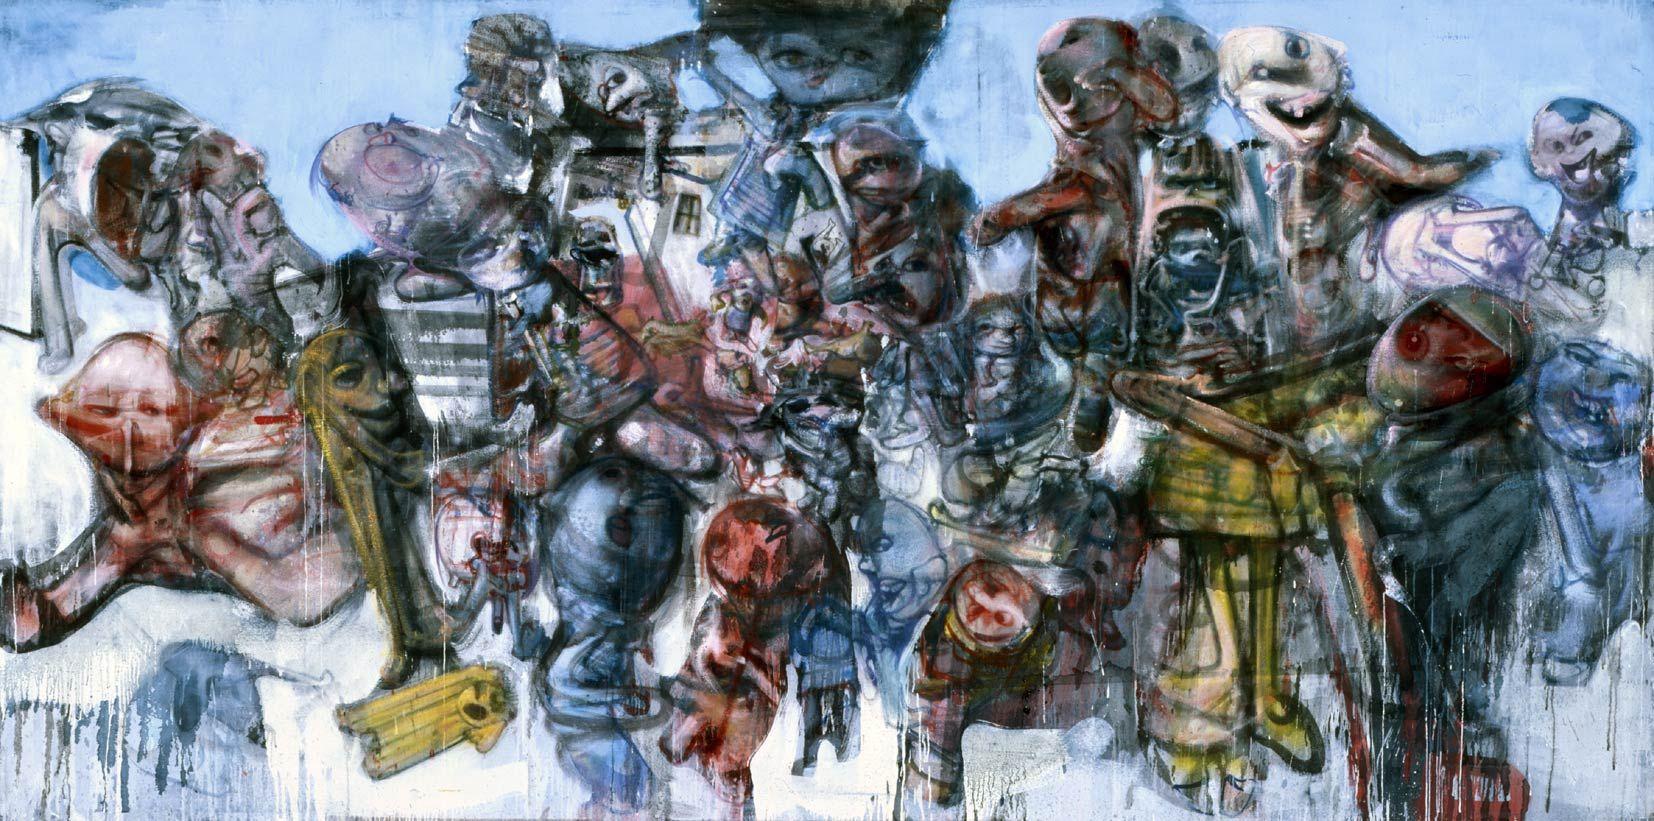 Scène de guerre, 1997-1999 | Les arts, Peinture, Comment peindre